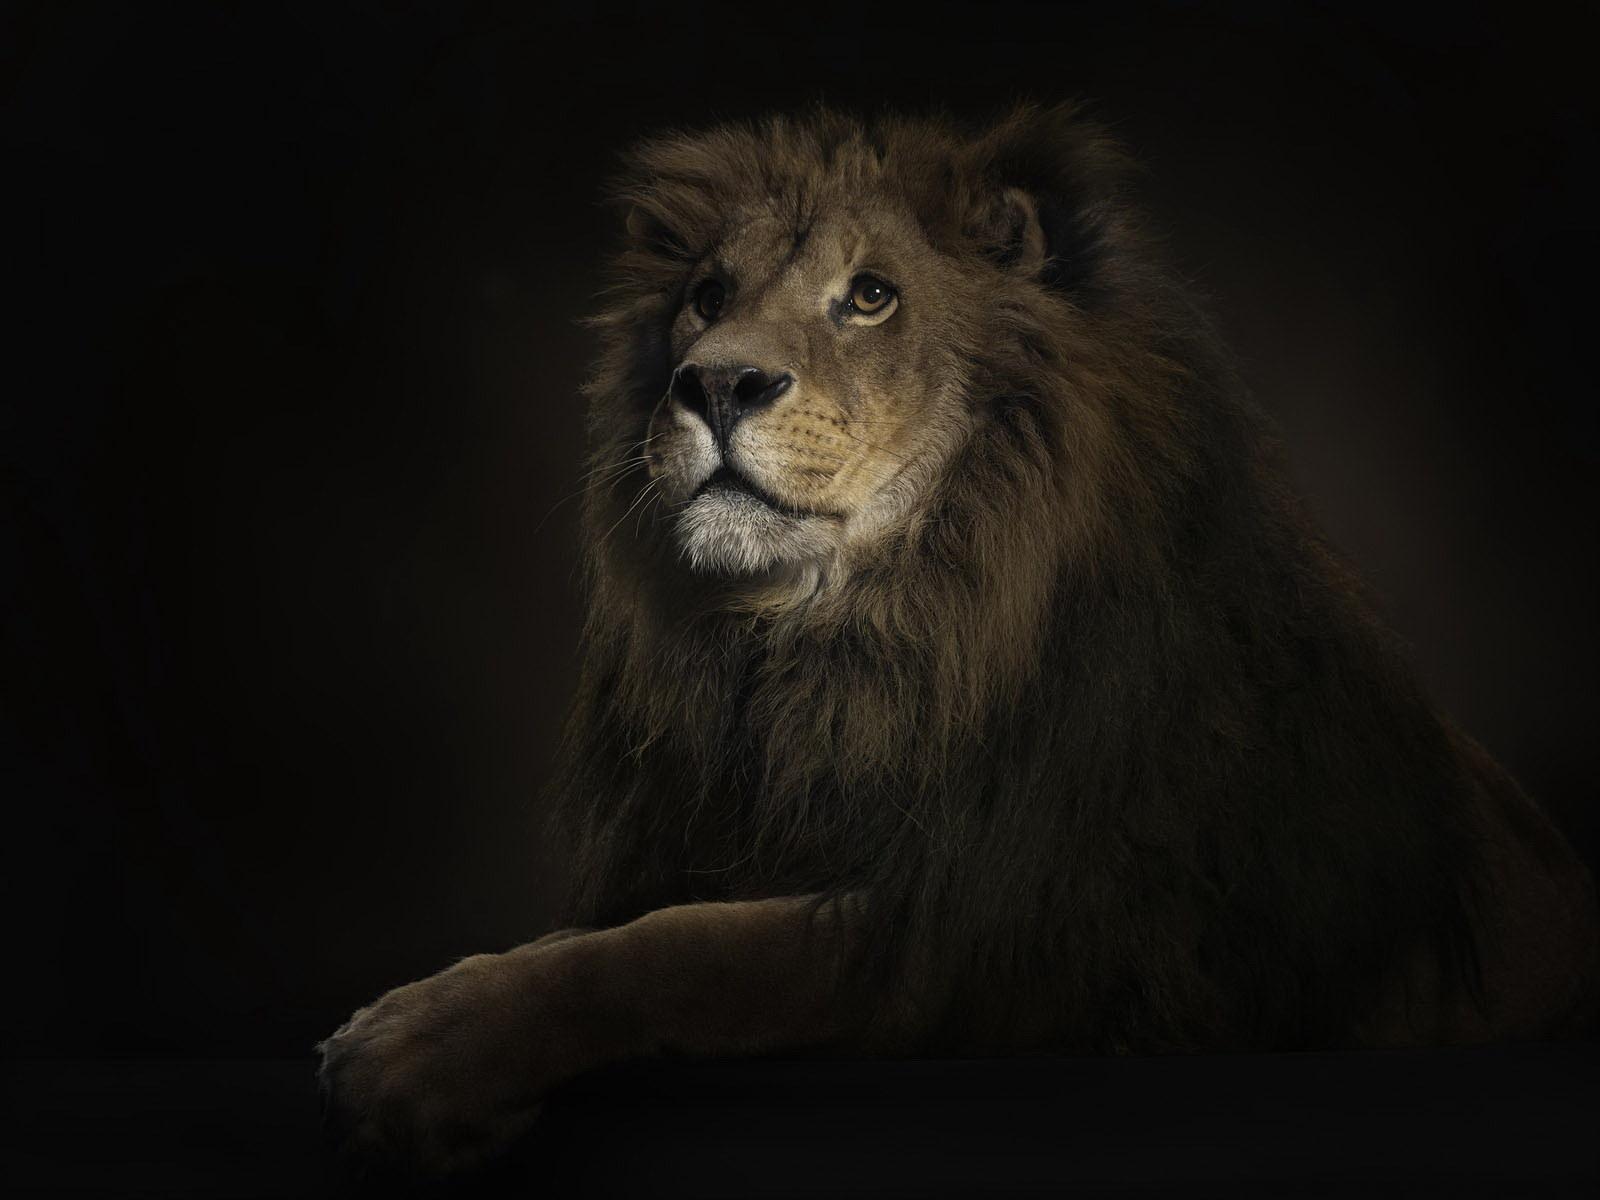 Lion wallpaper hd name wallpaper hd - Lion king wallpaper ...